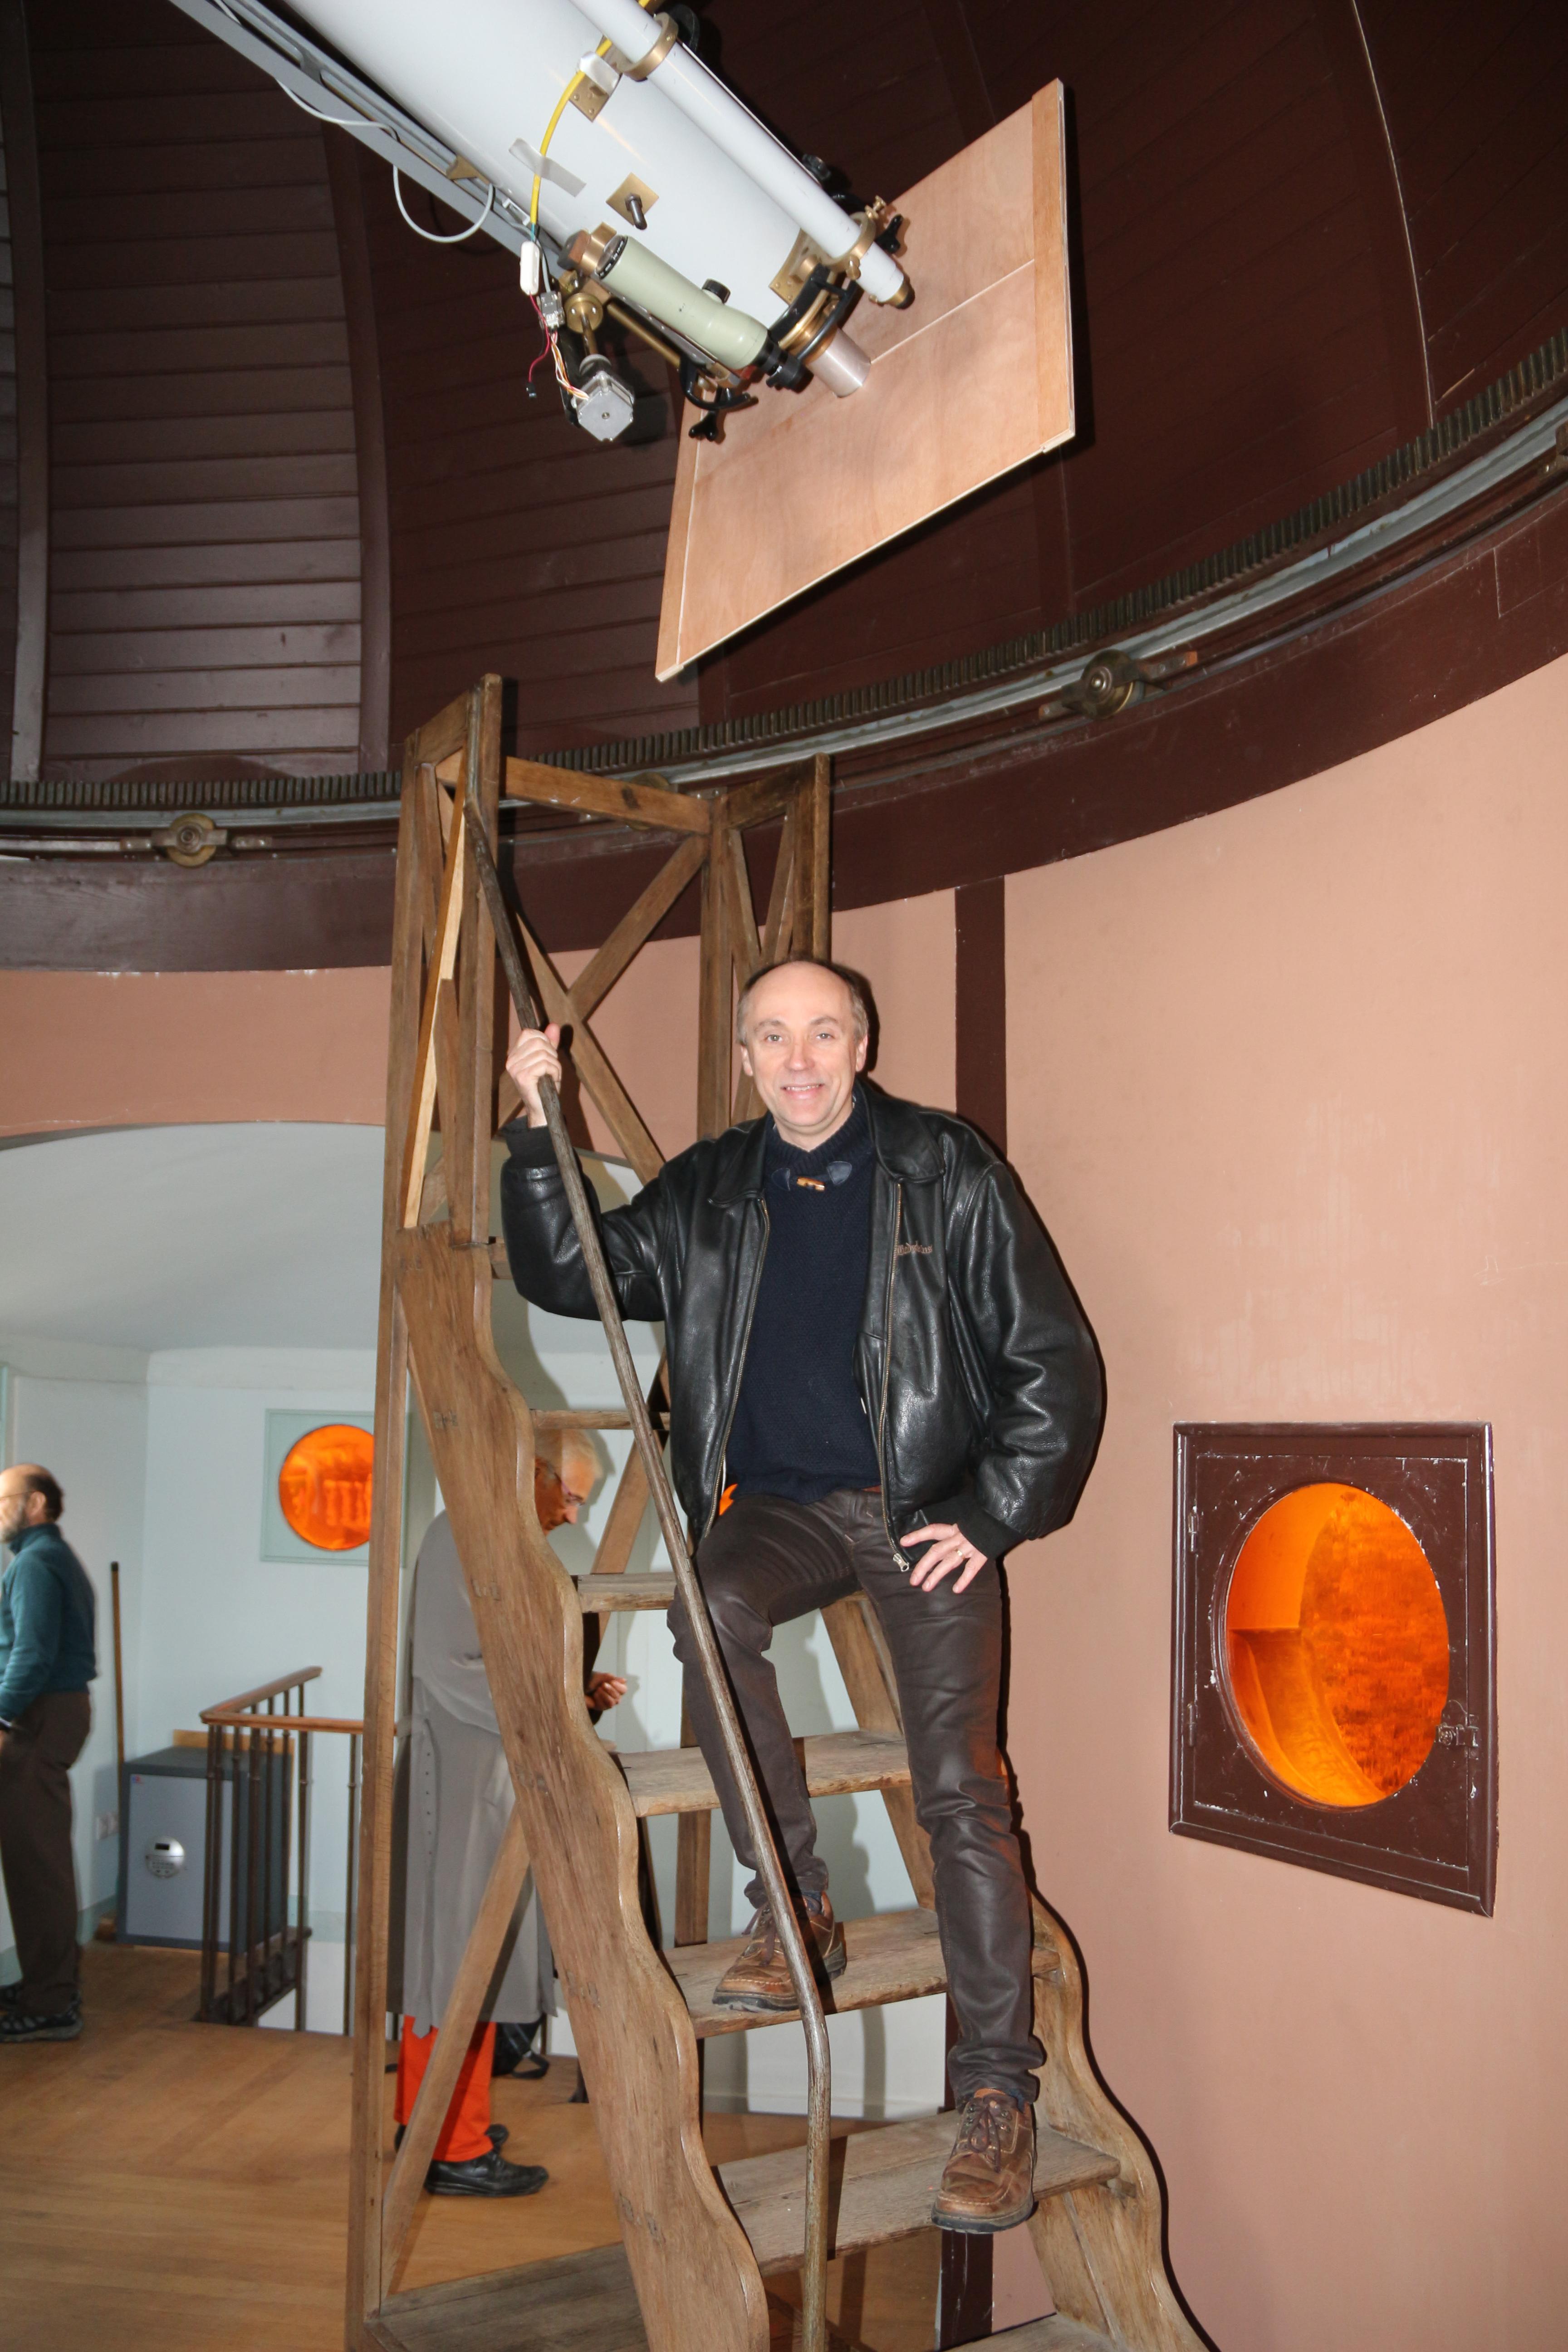 Le professeur posant sur l'échelle de Camille Flammarion